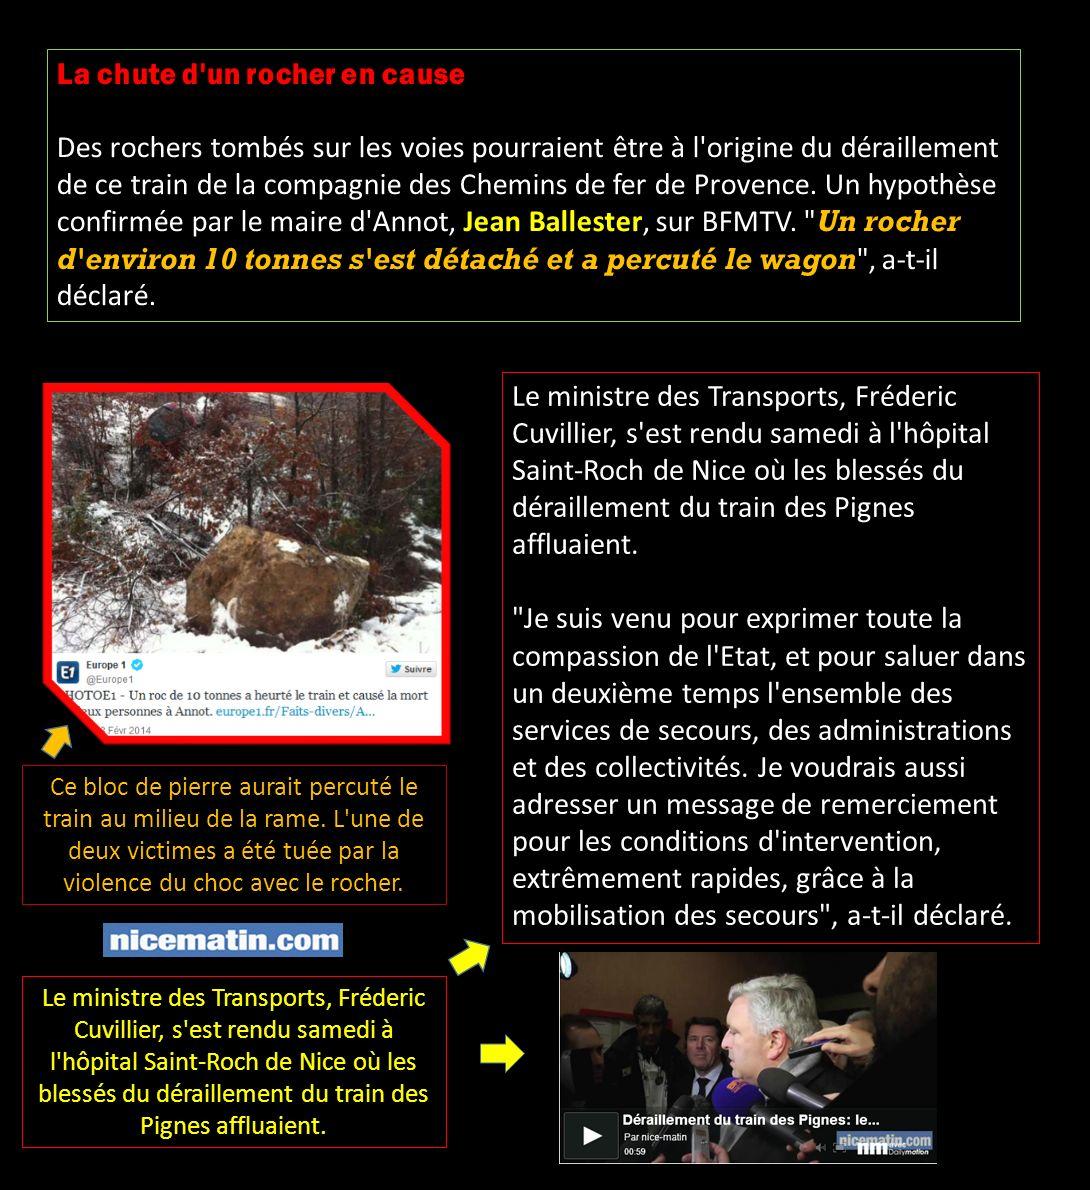 Une cinquantaine de gendarmes ont été déployés sur les lieux du déraillement mortel du train de Pignes.